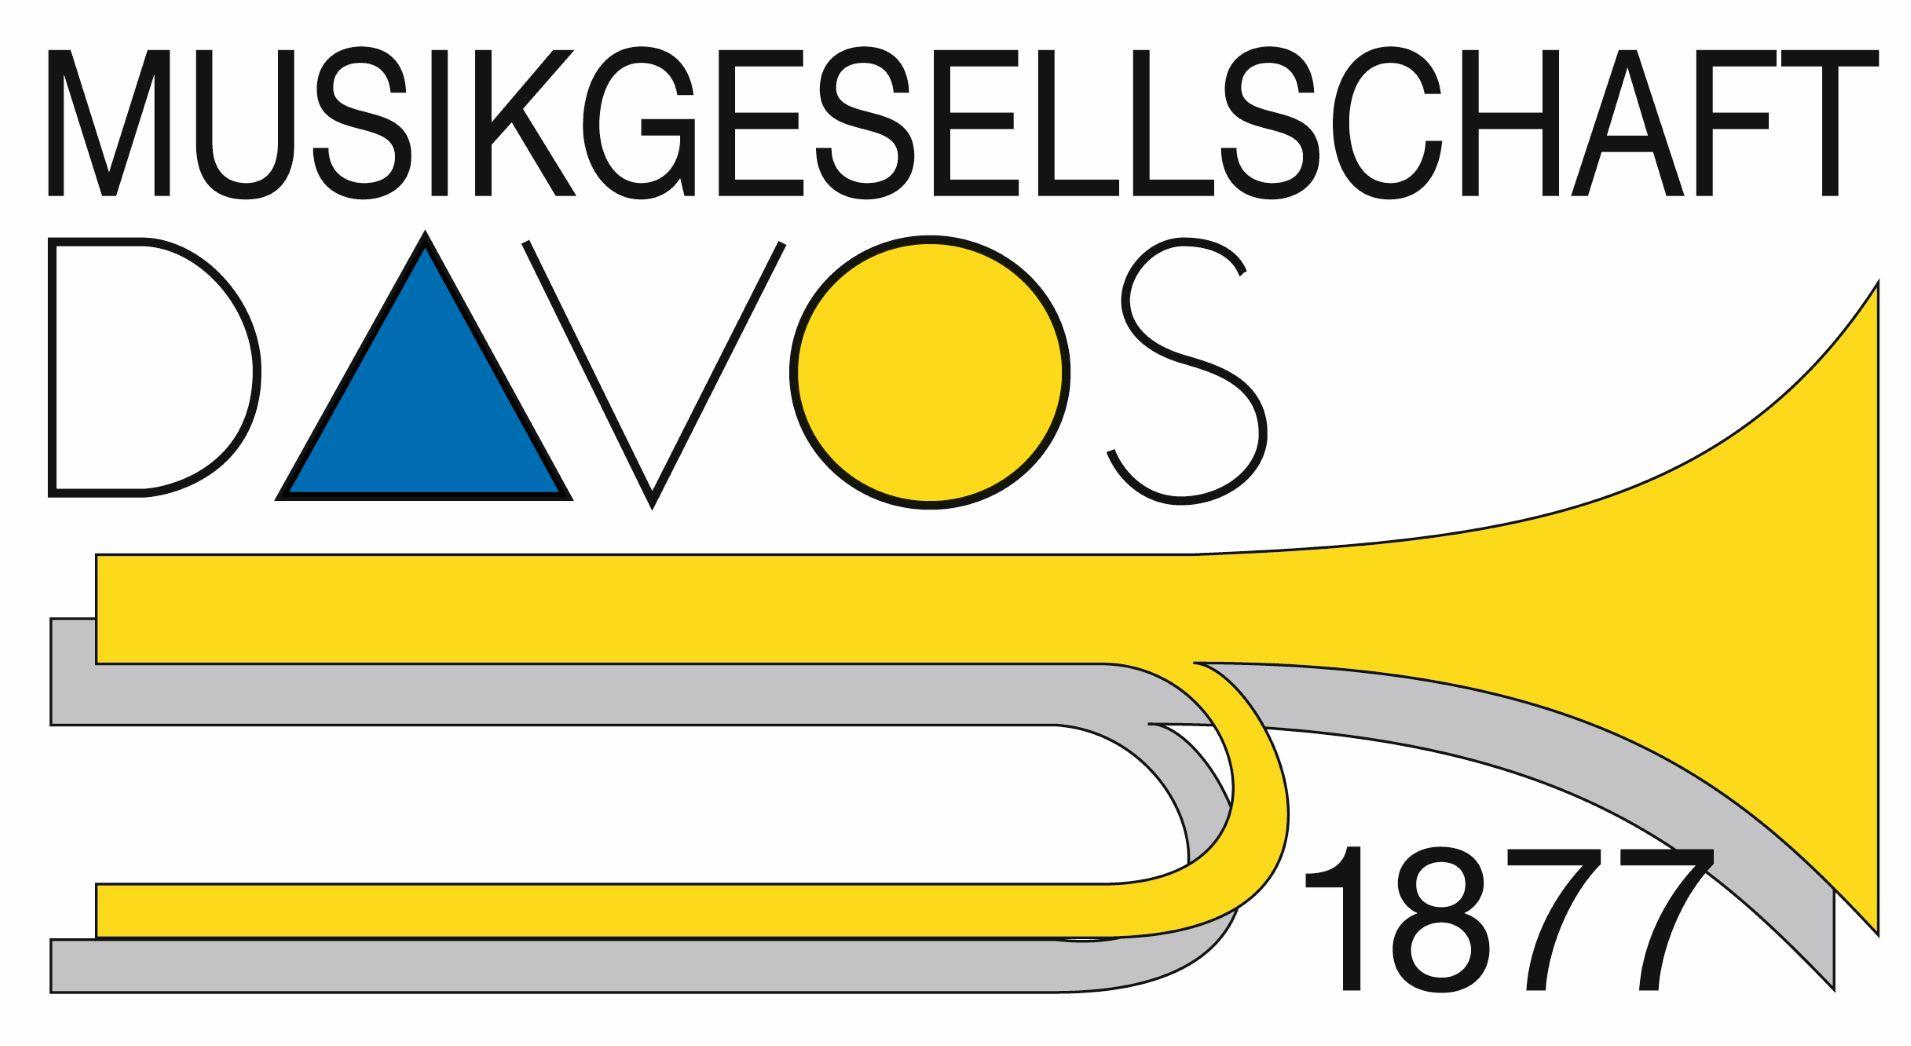 Musikverein Davos Klosters